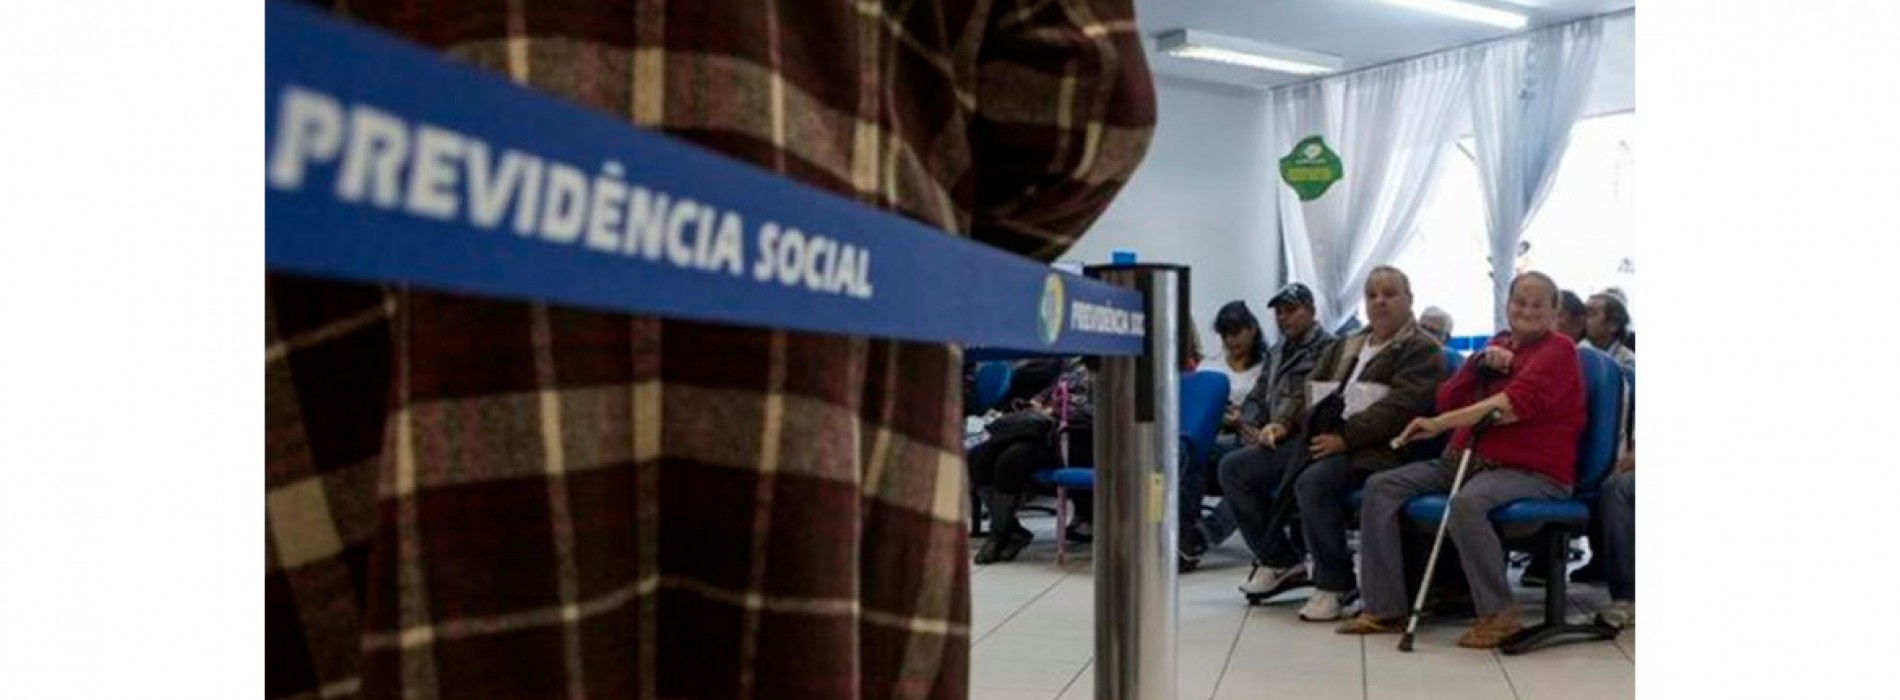 Governo mente mais uma vez sobre déficit da Previdência Social